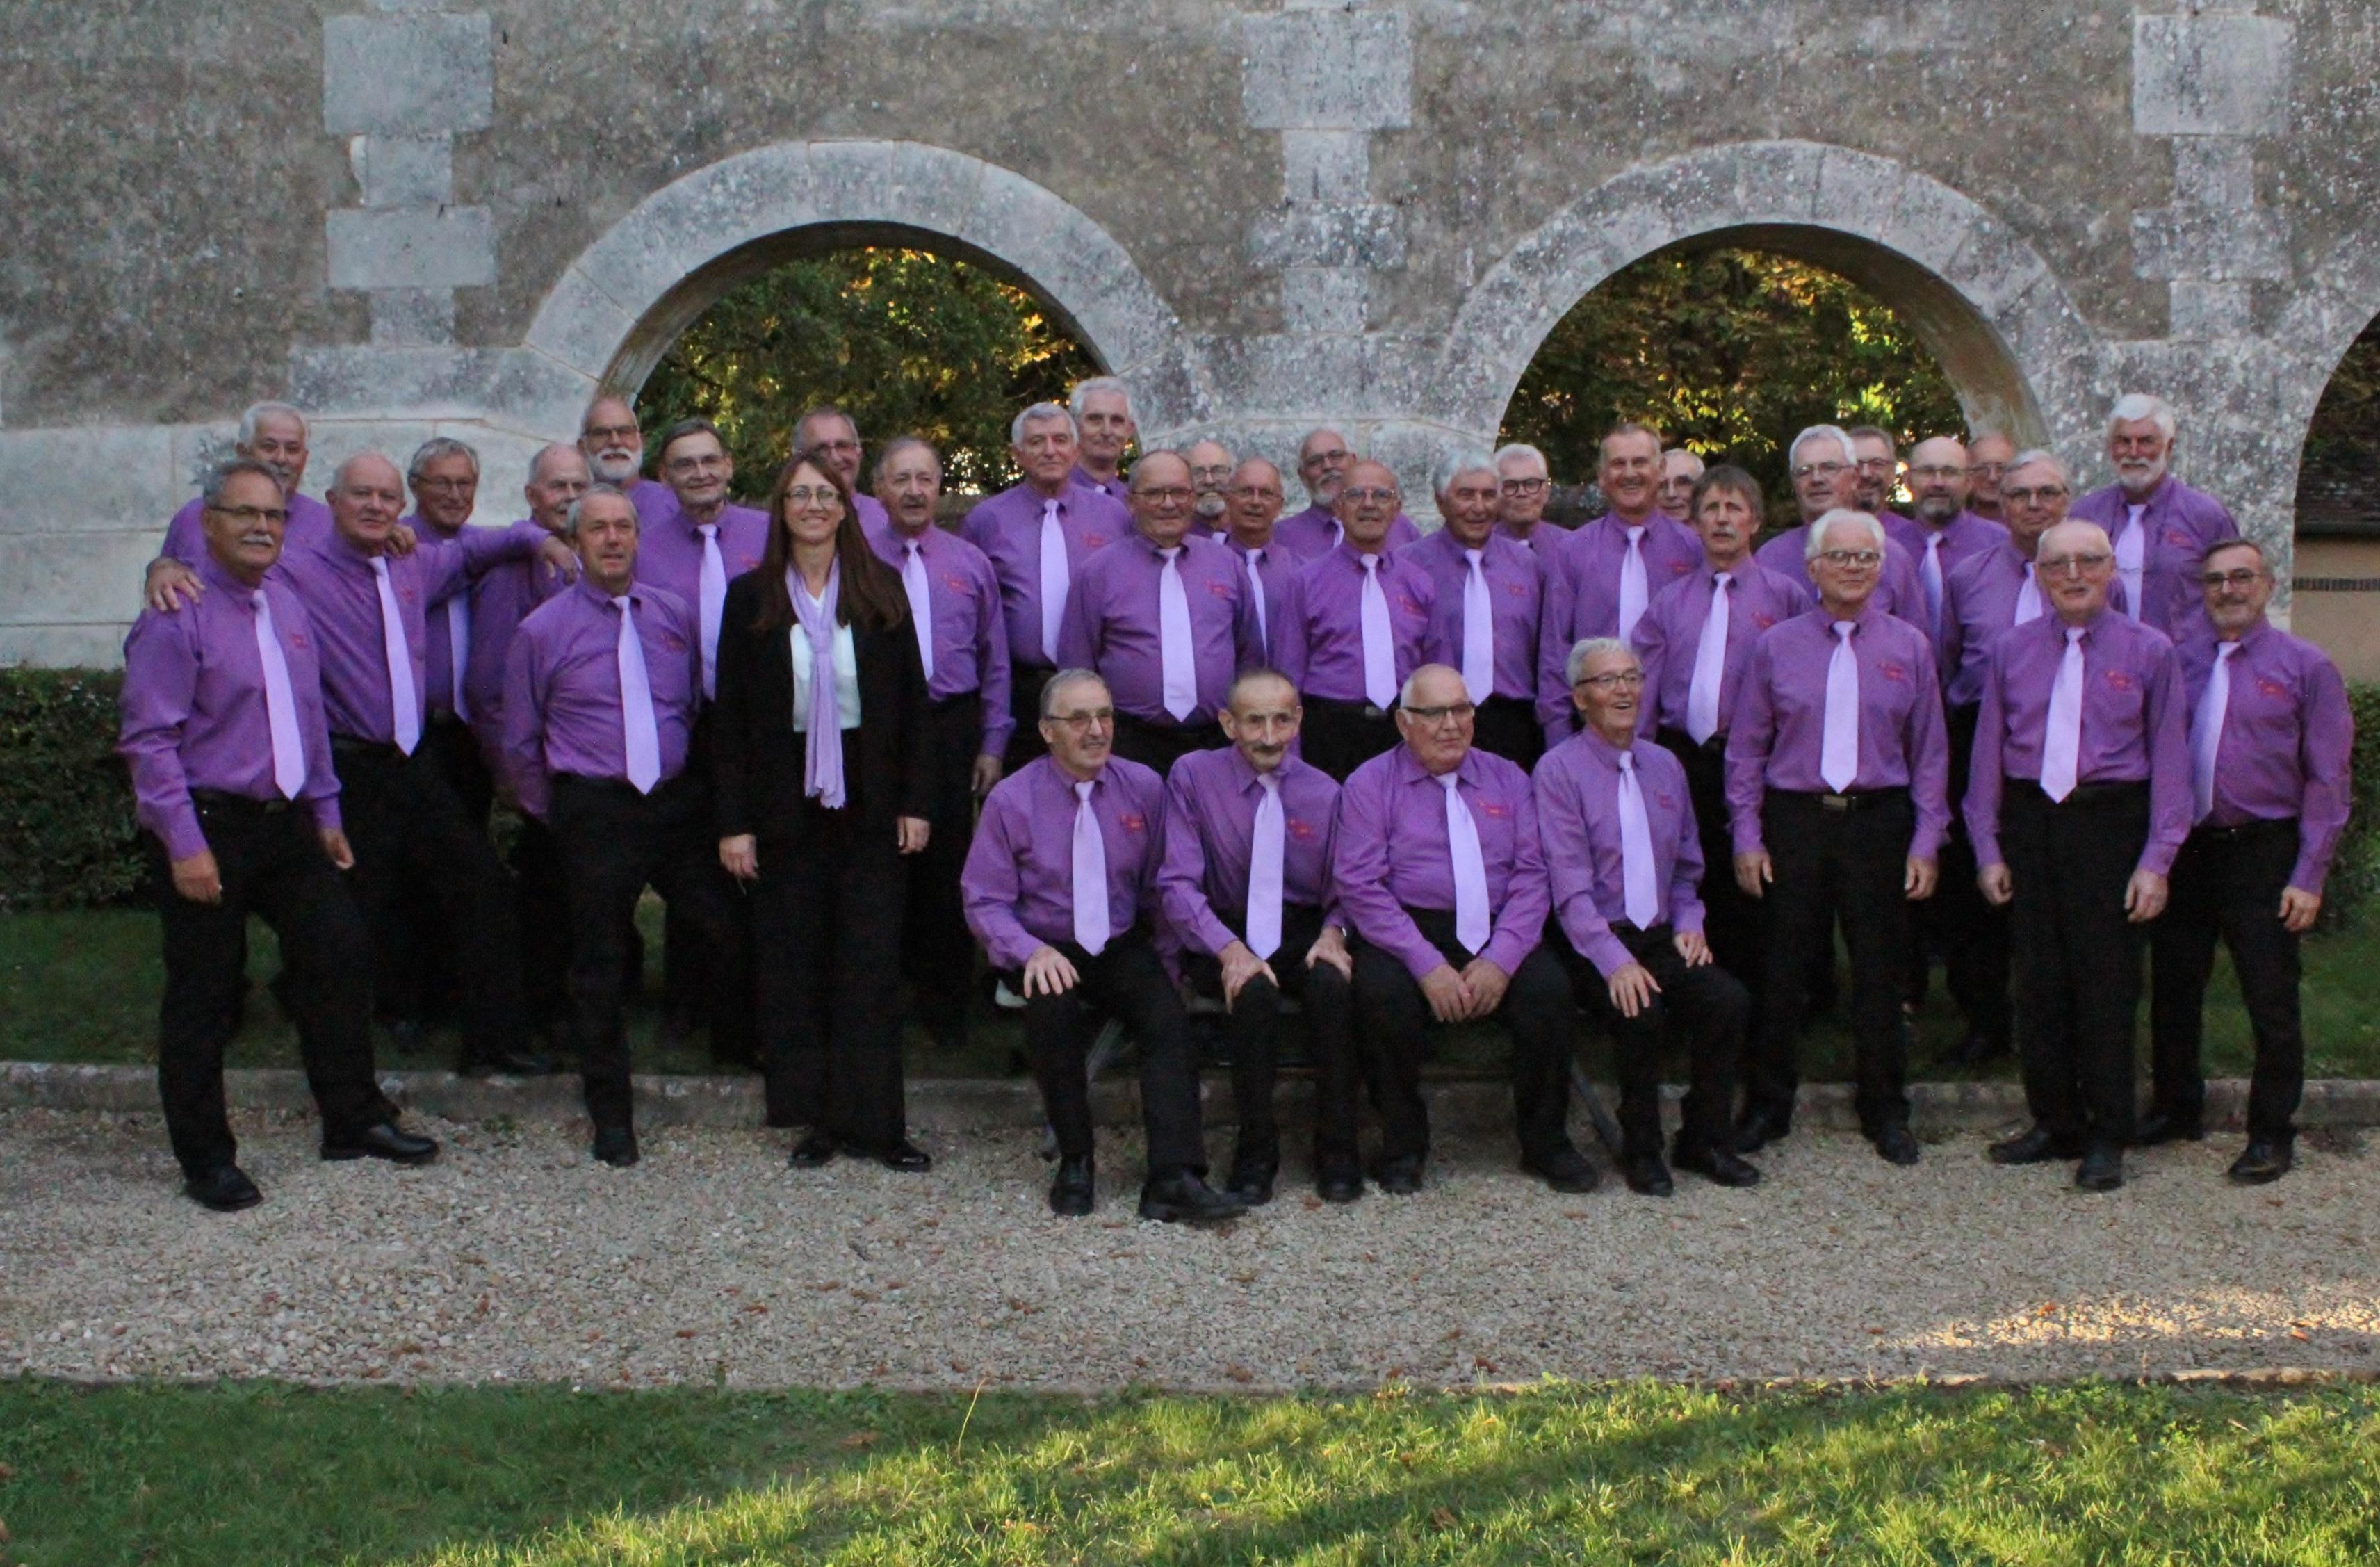 Envie de chanter dans un chœur d'hommes, venez essayer :   répétition tous les jeudis de 19h00 à 21h30